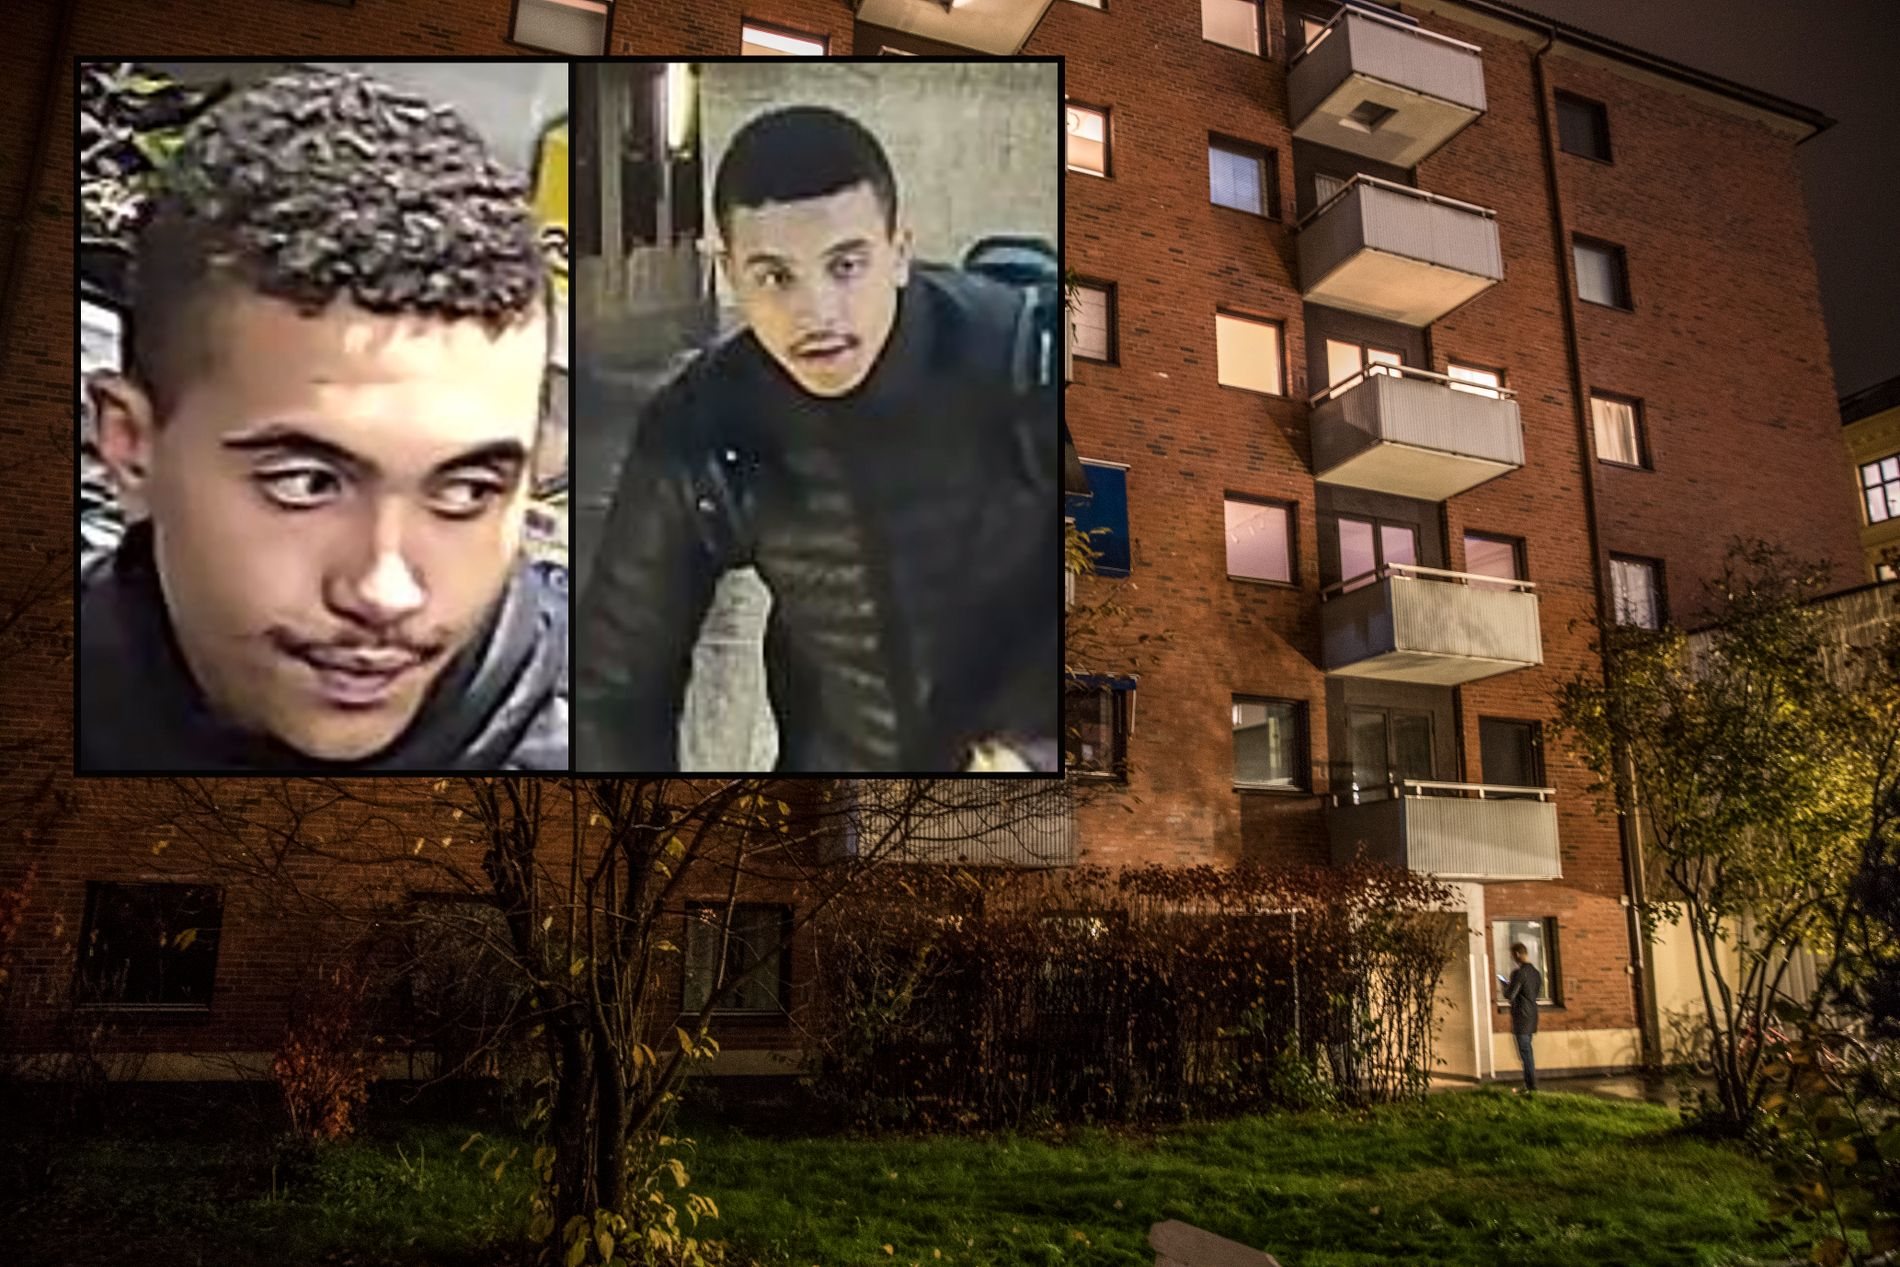 NAVNGITT: Politiet i Oslo gikk søndag kveld ut med navn på 20-åringen som er etterlyst og siktet for drapet på 24 år gamle Heikki Bjørklund Paltto på Majorstuen i Oslo mandag.